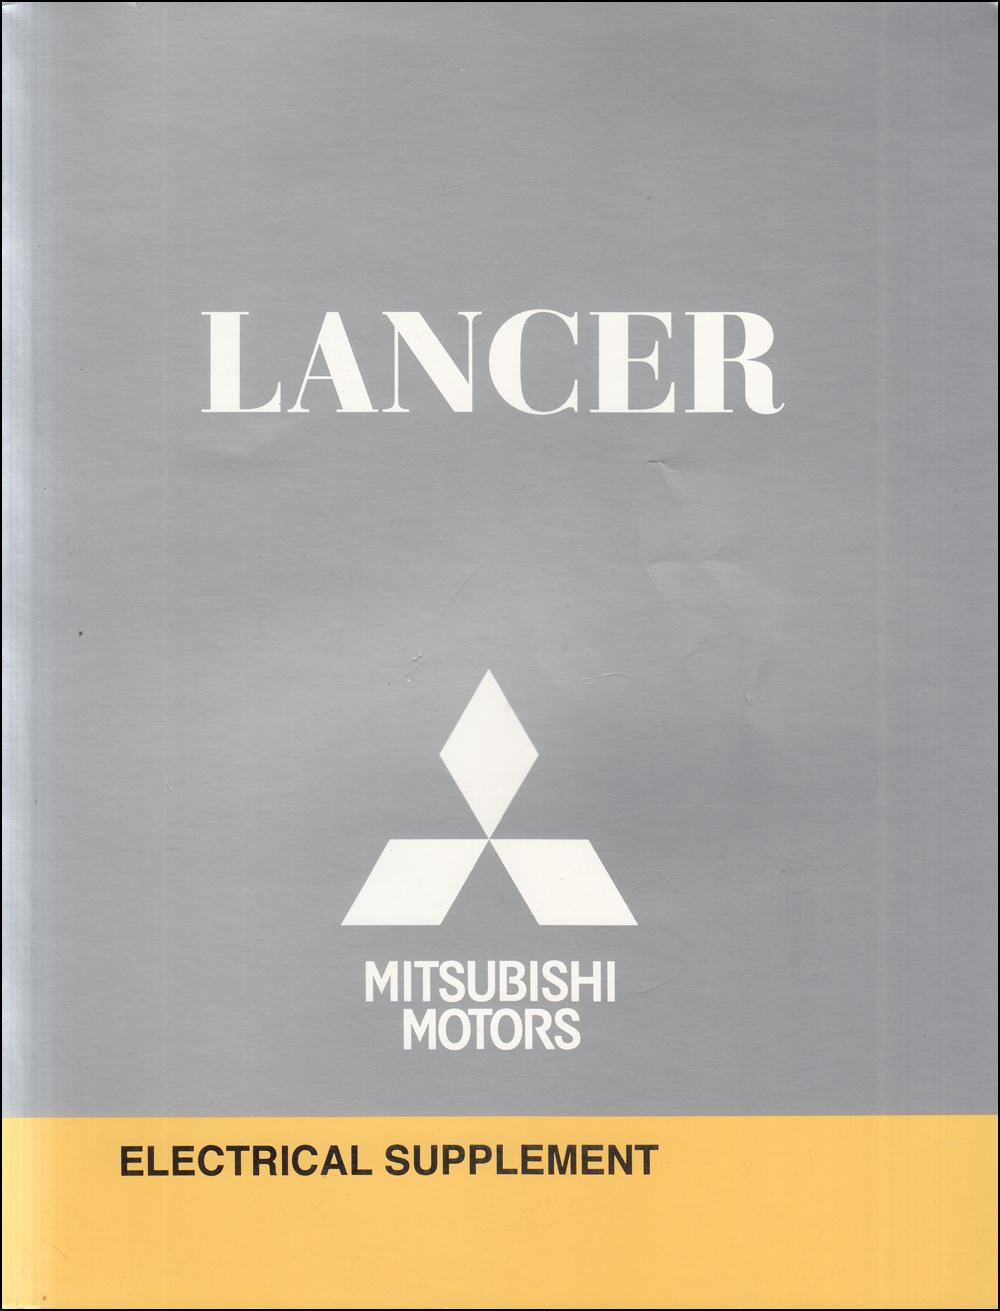 2010 Mitsubishi Lancer Wiring Diagram Manual Original